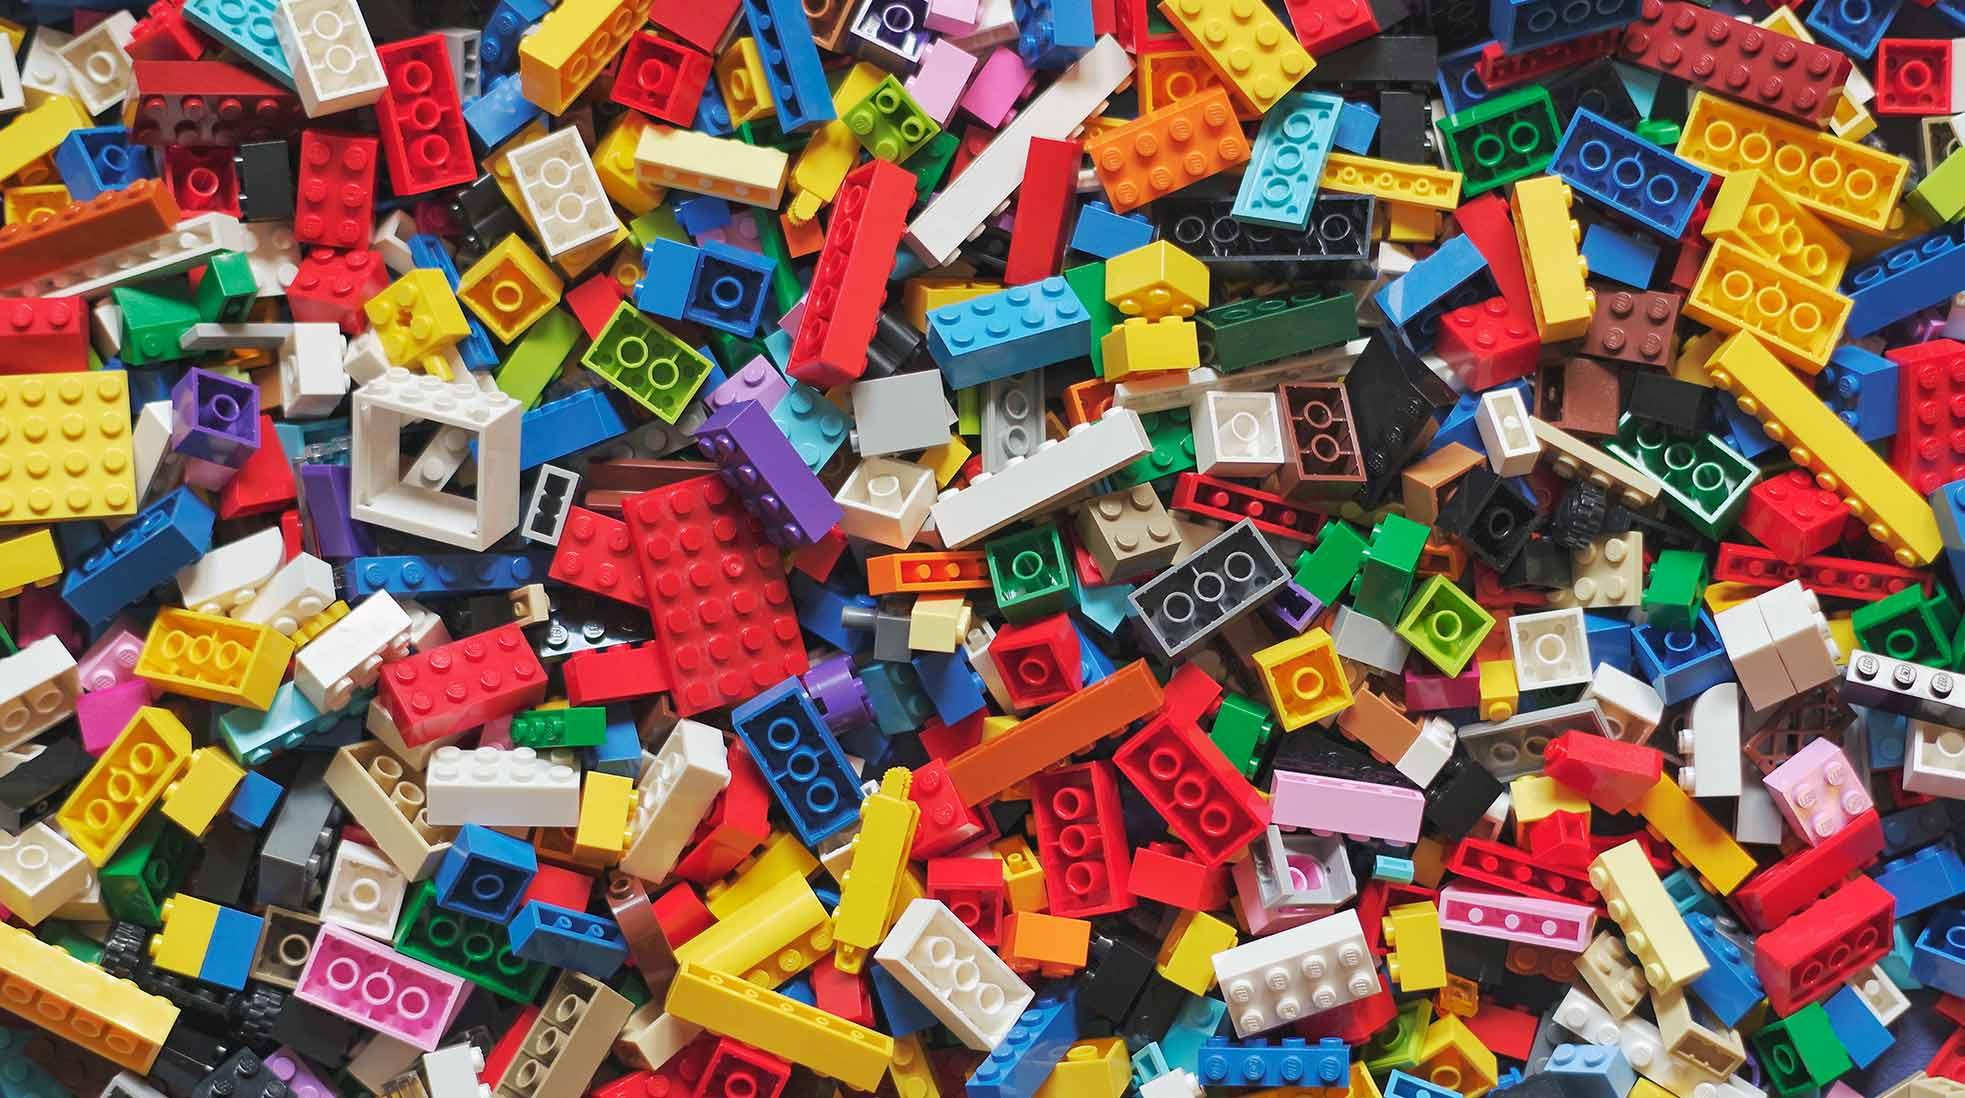 En stor hög med Lego-klossar i olika färger